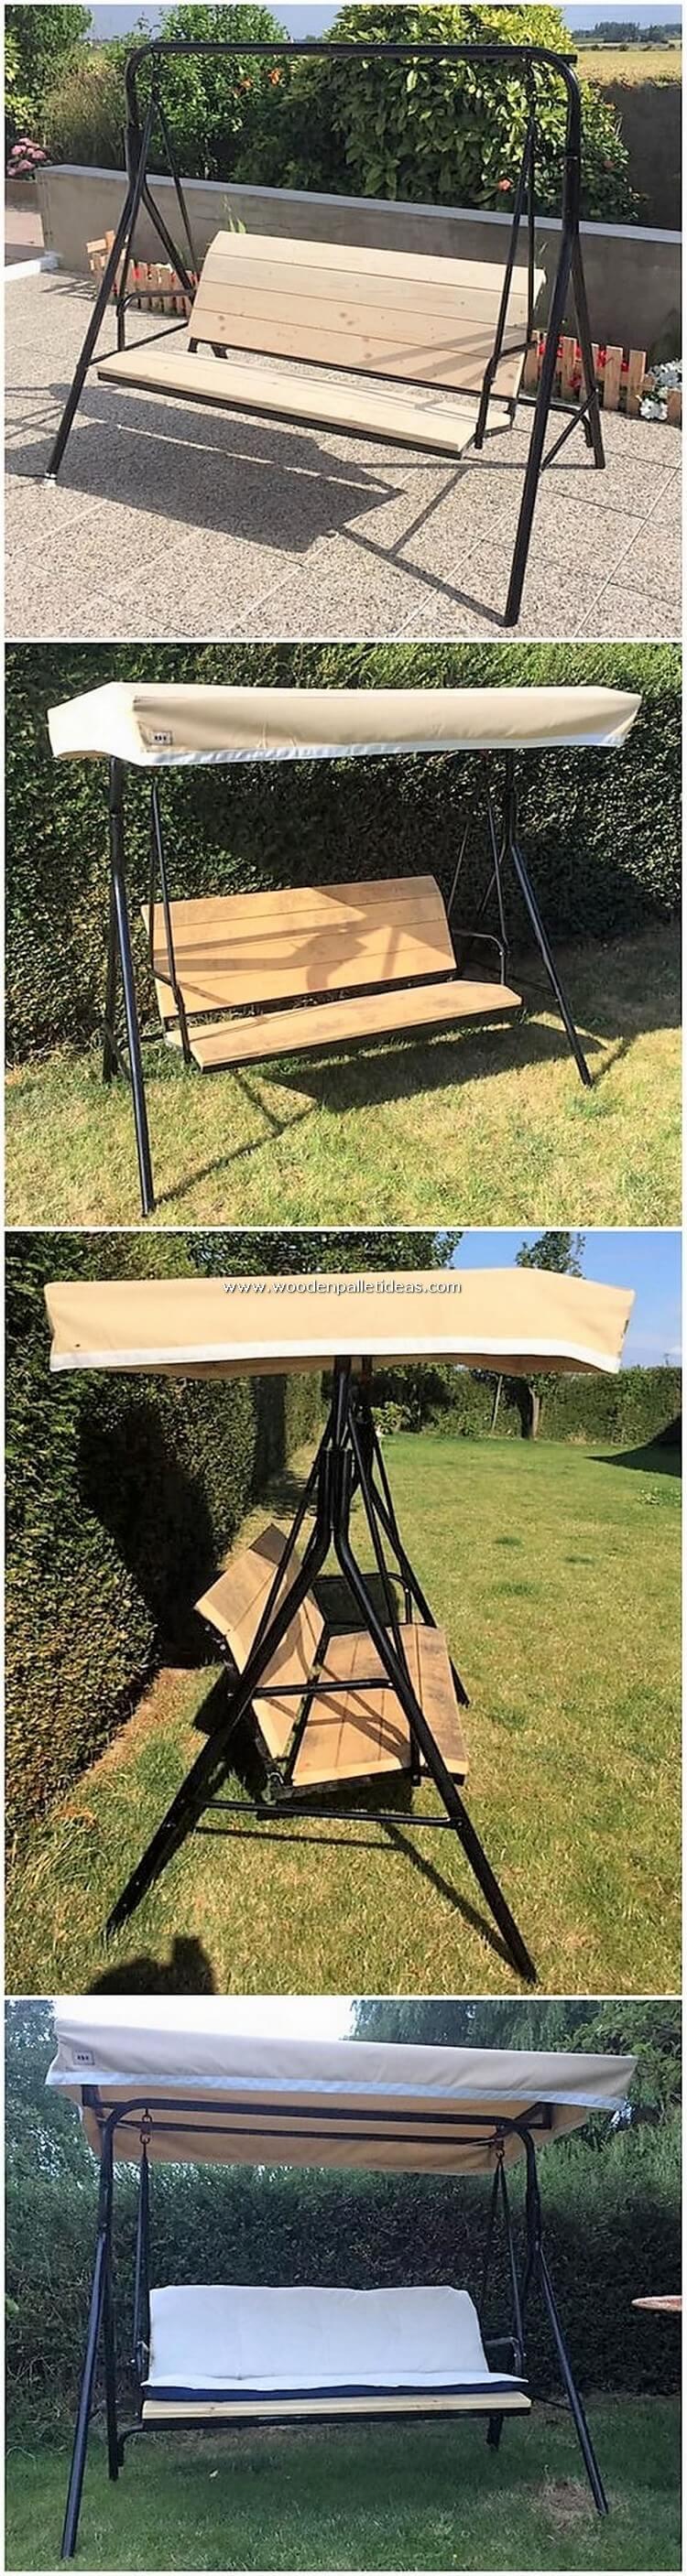 Pallet-Swing-Bench